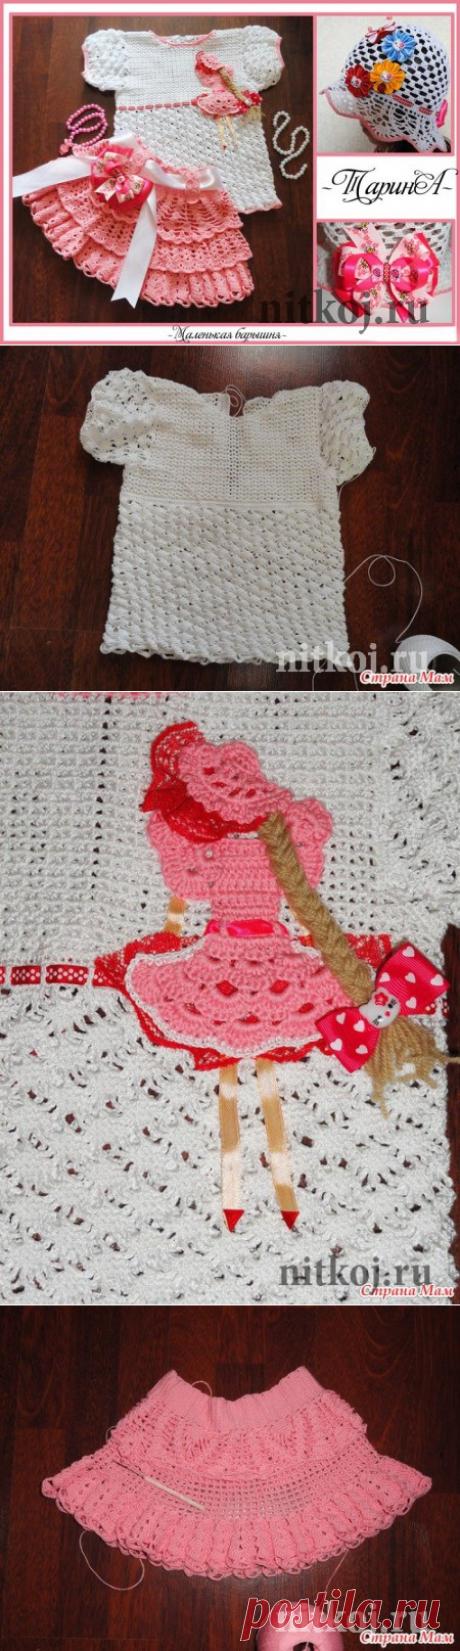 Комплект «Маленькая барышня»: топ + юбка + панамка крючком » Ниткой - вязаные вещи для вашего дома, вязание крючком, вязание спицами, схемы вязания